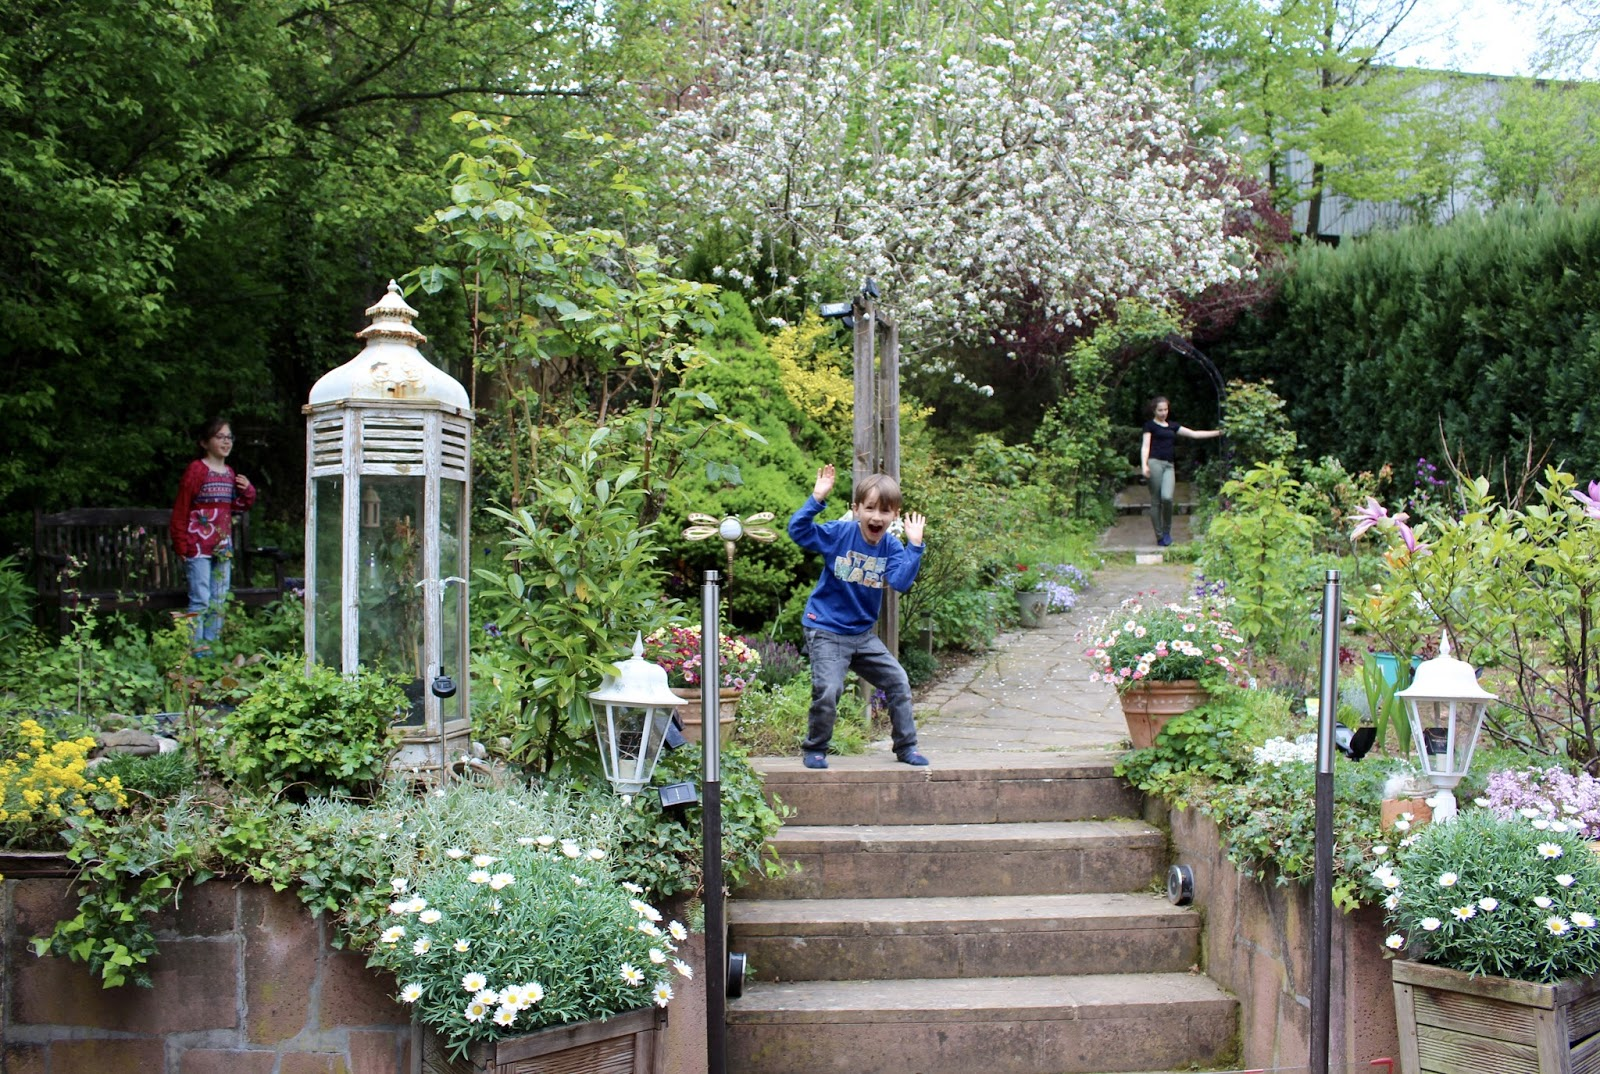 Unser Garten im April 2017: Bauerngarten/ Landhausgarten im Frühling